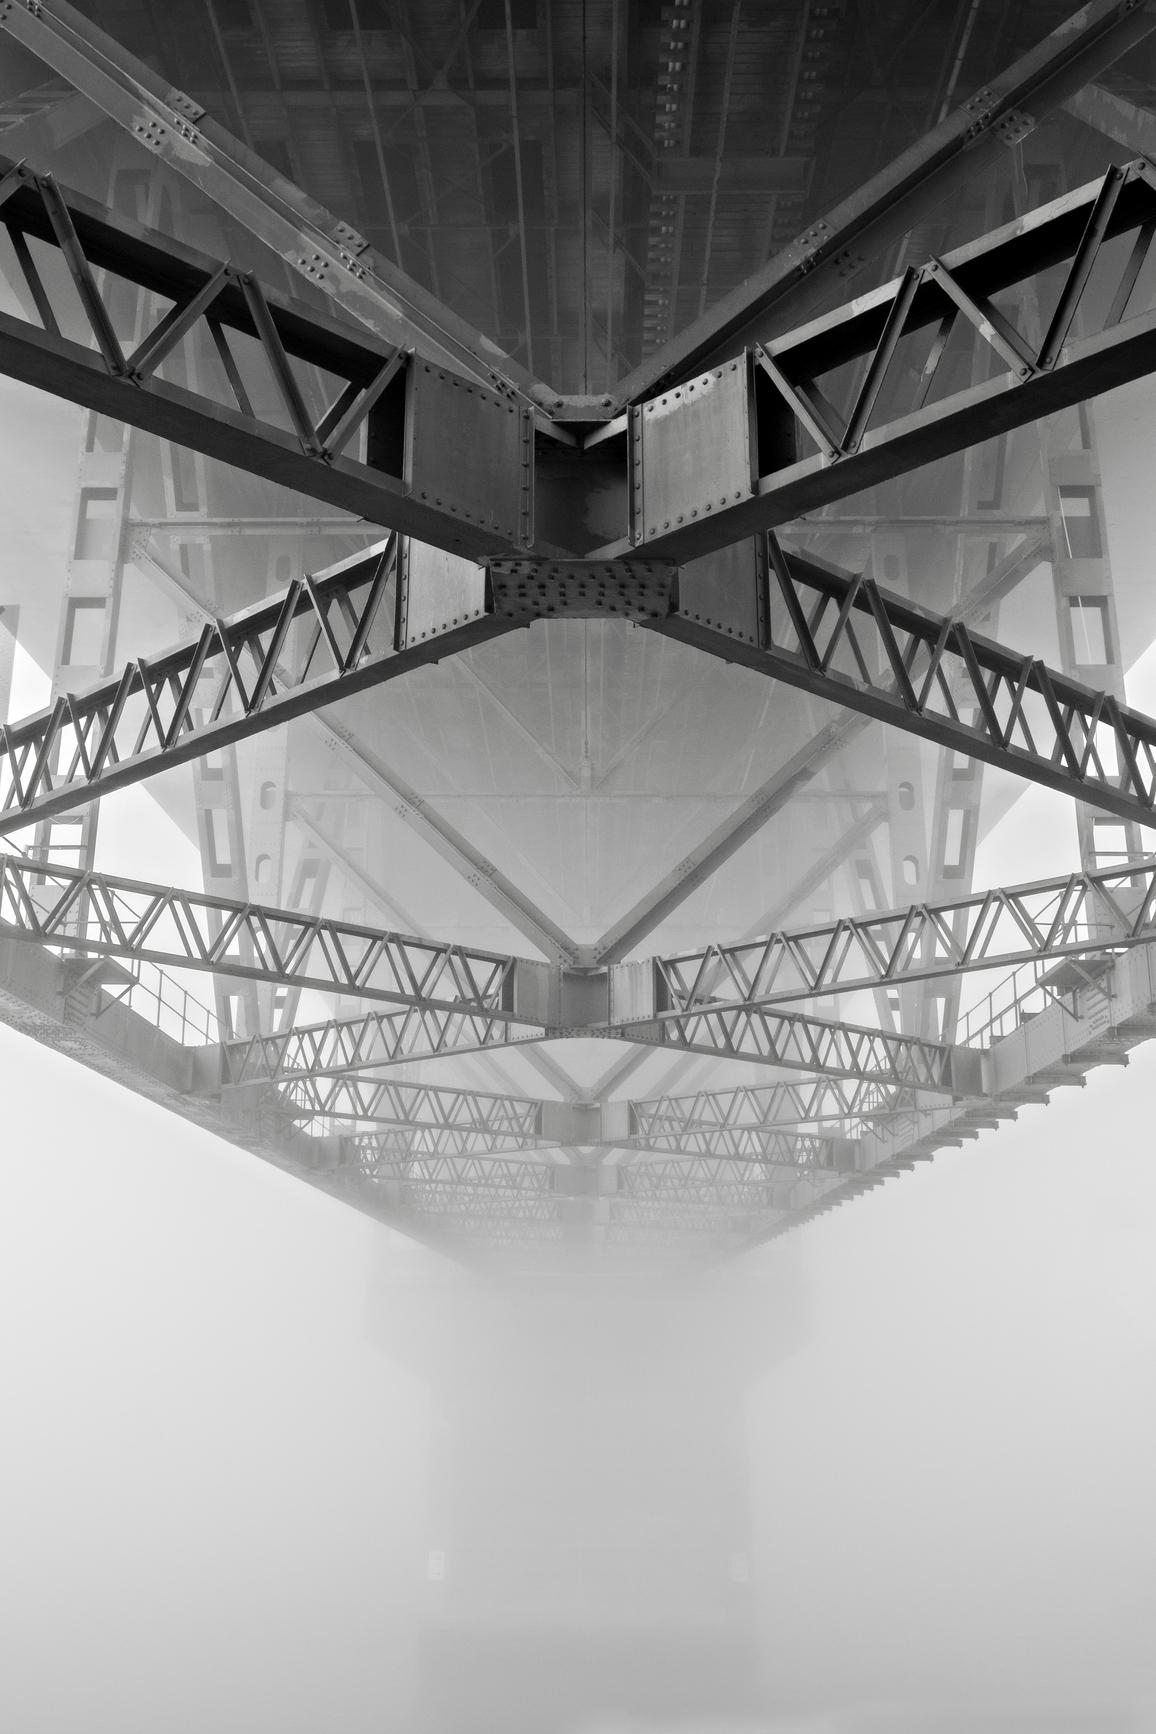 First: Michelle Denniston, a bridge to nowhere